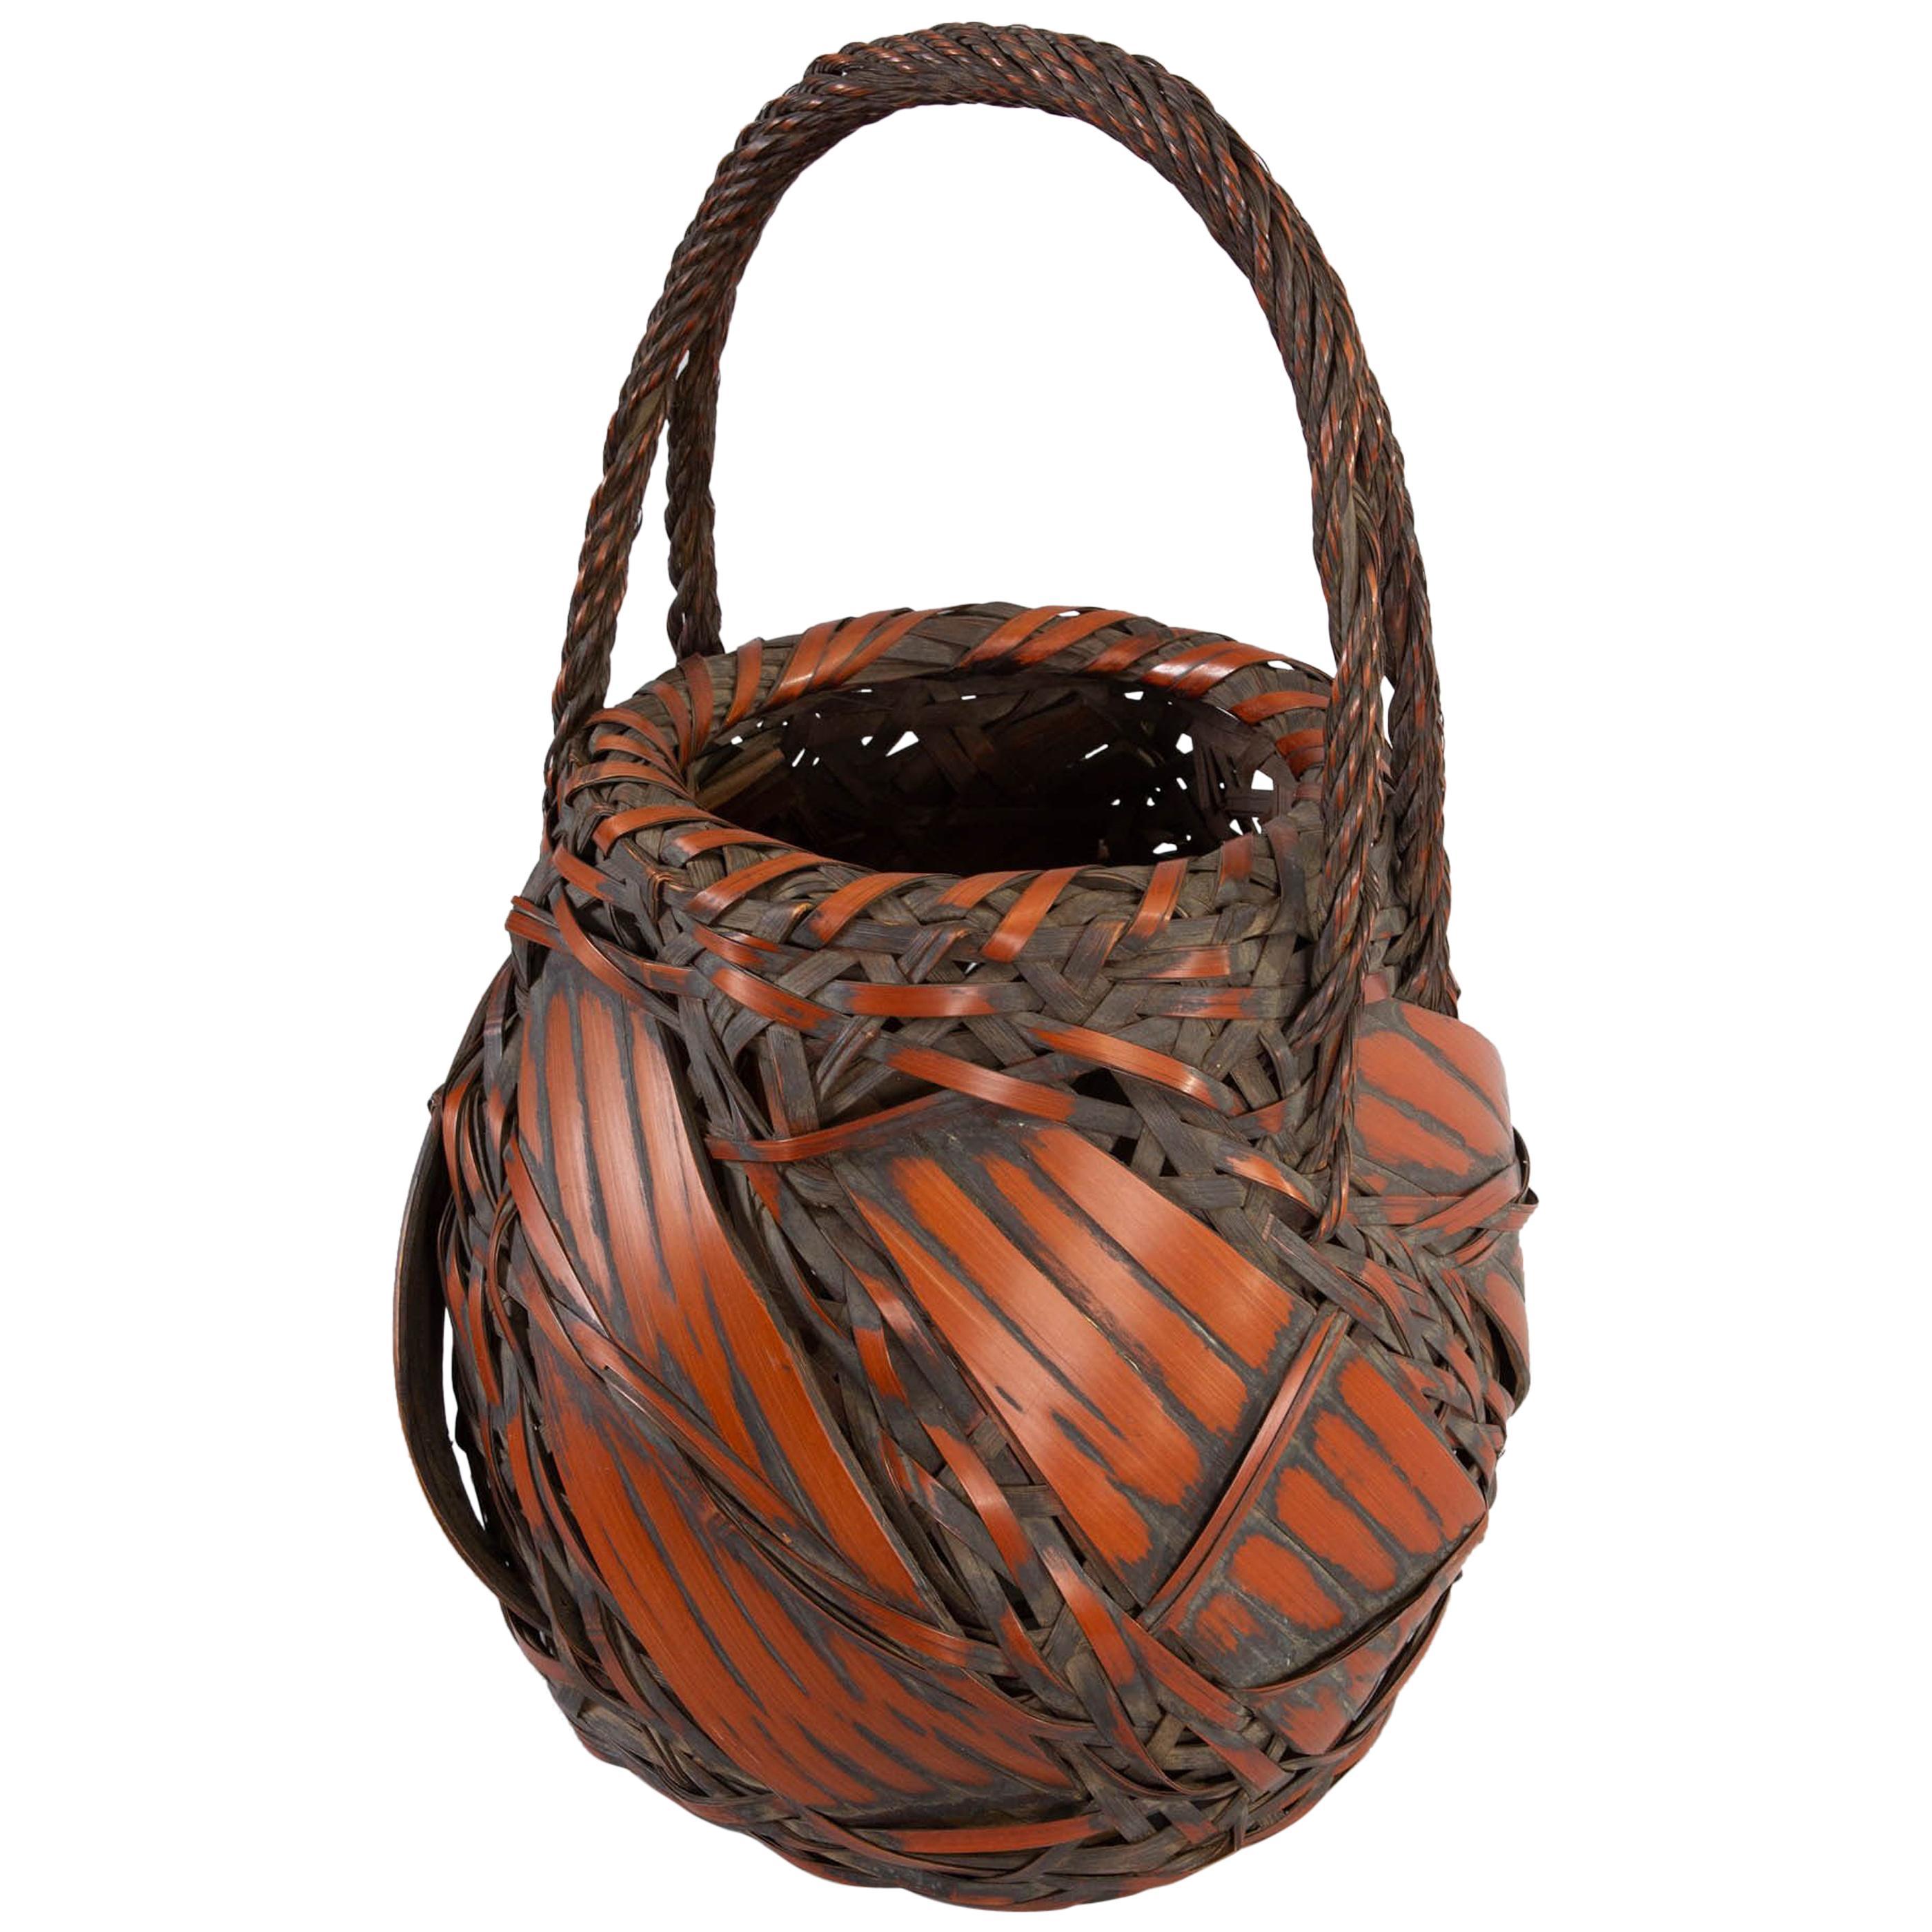 Antique Japanese Large Bamboo Basket for Flower Arranging